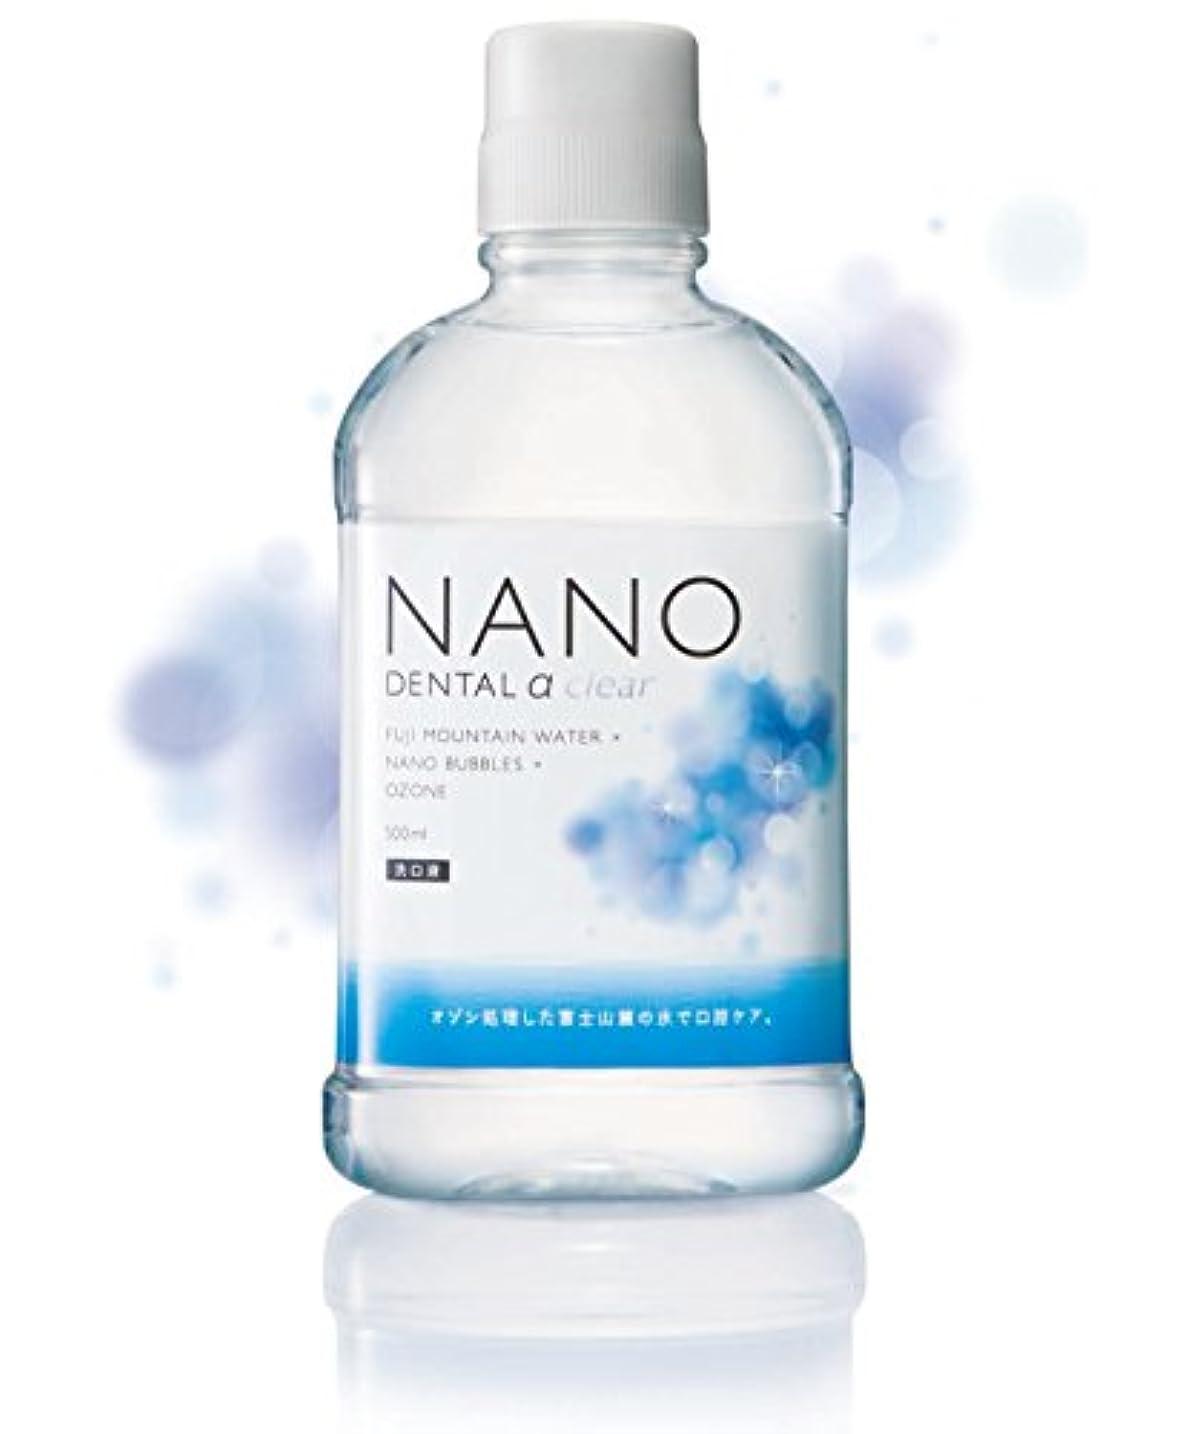 食品遅れガチョウ無添加! ナノデンタルアルファ クリア NANODENTALα Clear 500mL オゾンナノバブルで歯周病?口臭予防